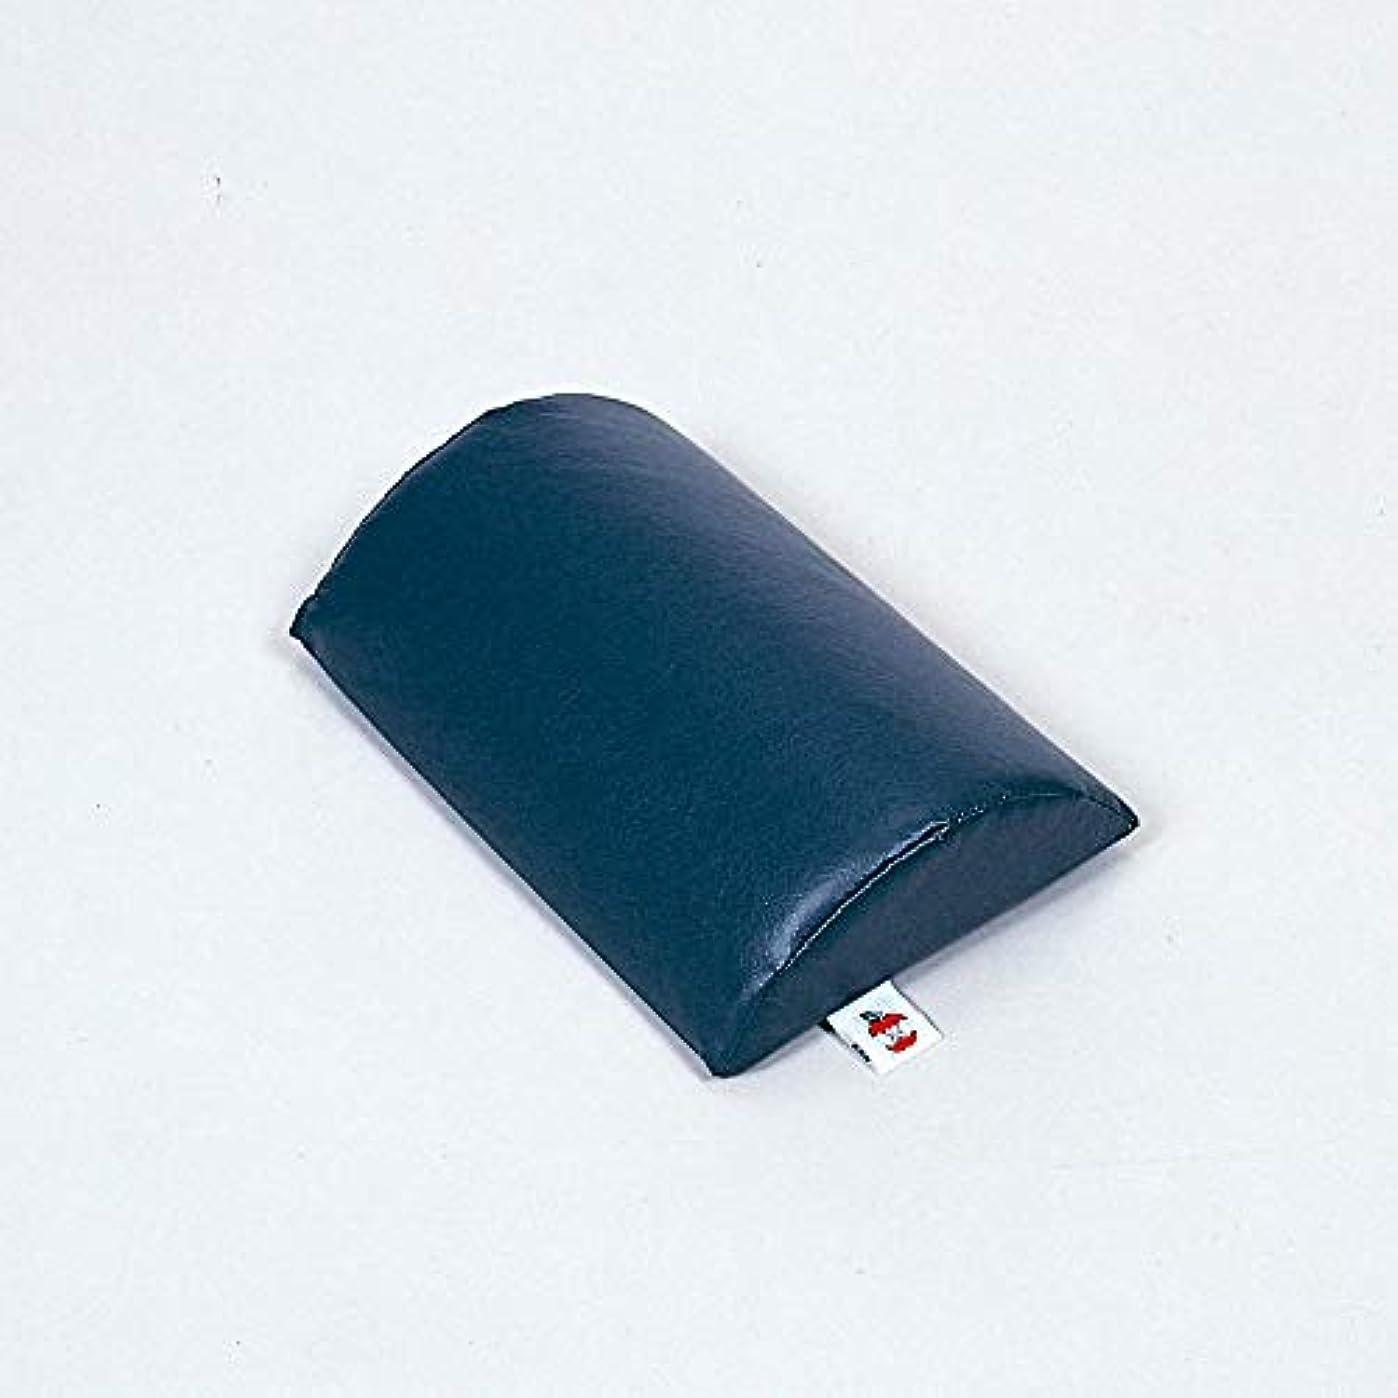 セーブスクワイア気づくCORE PRODUCT(コアプロダクツ) ミニピロー 枕として 手足の固定用 クッション